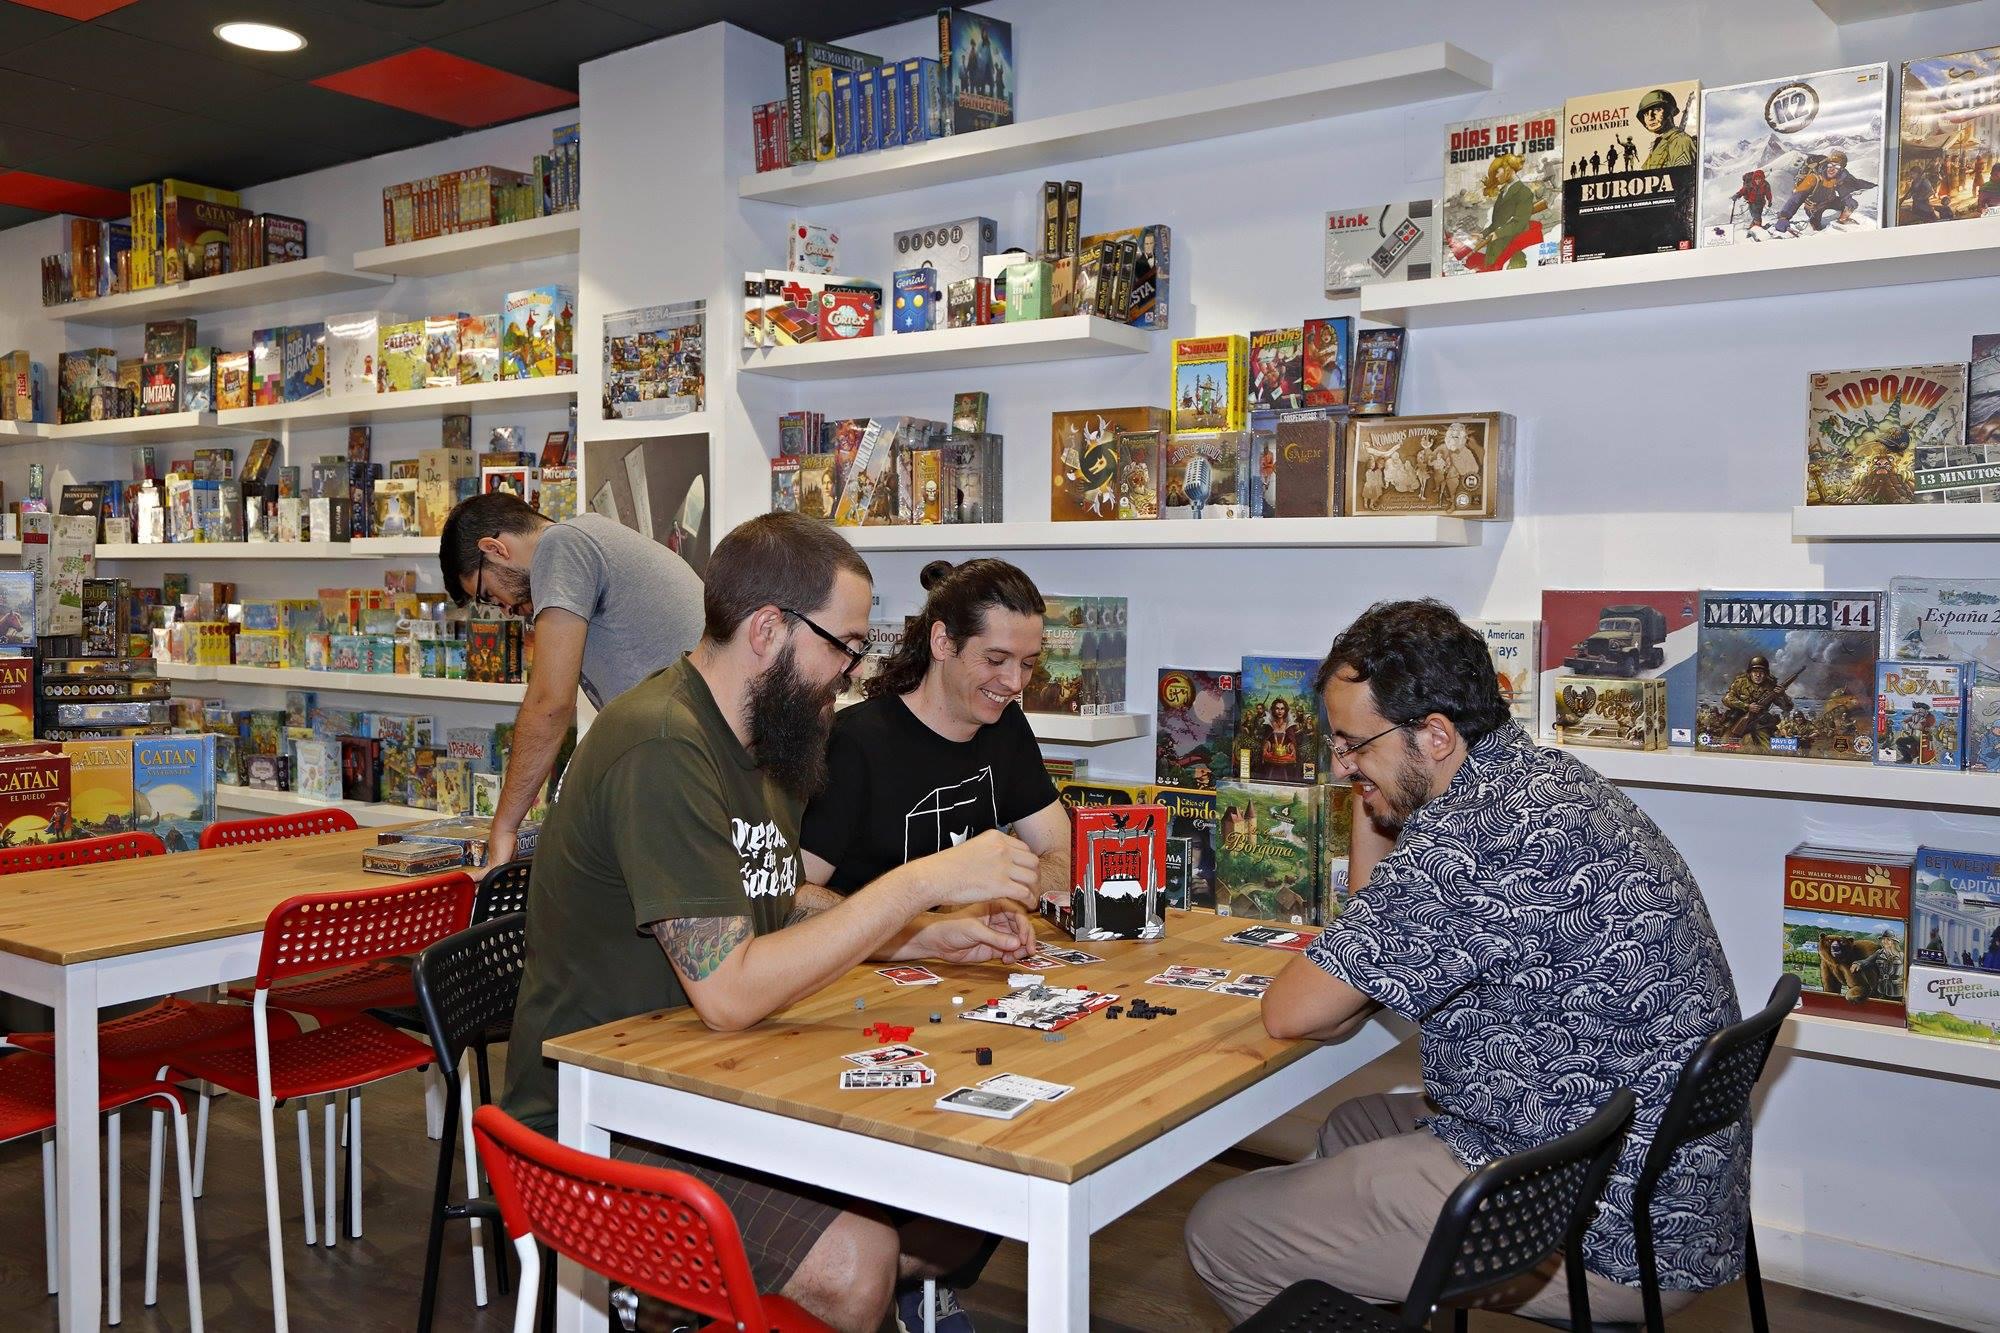 'Zacatrús' cuenta con una zona en la que probar los juegos e incluso hacer torneos.